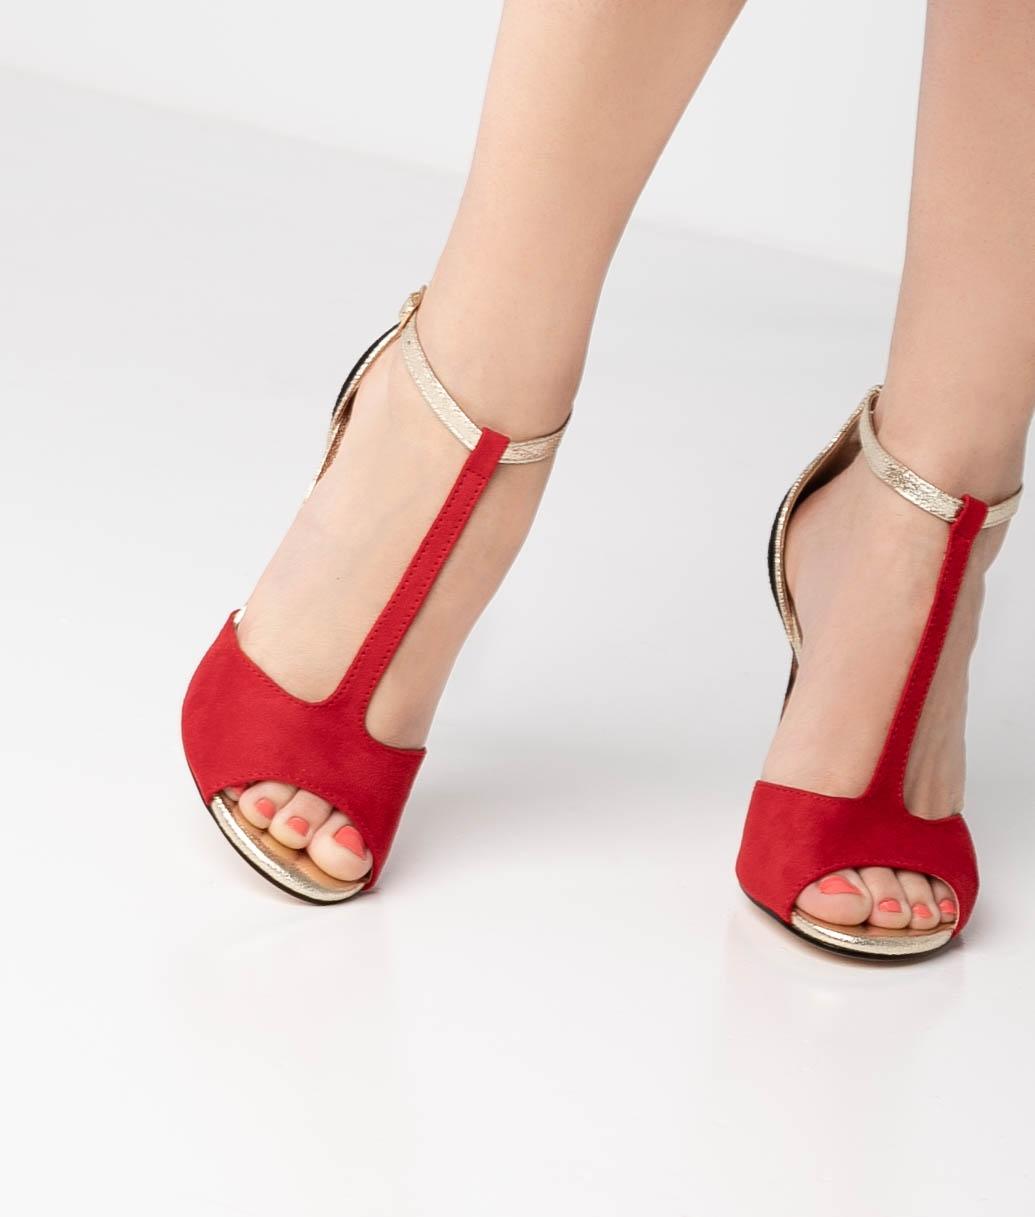 Sandalia de Tacón Tina - Rouge